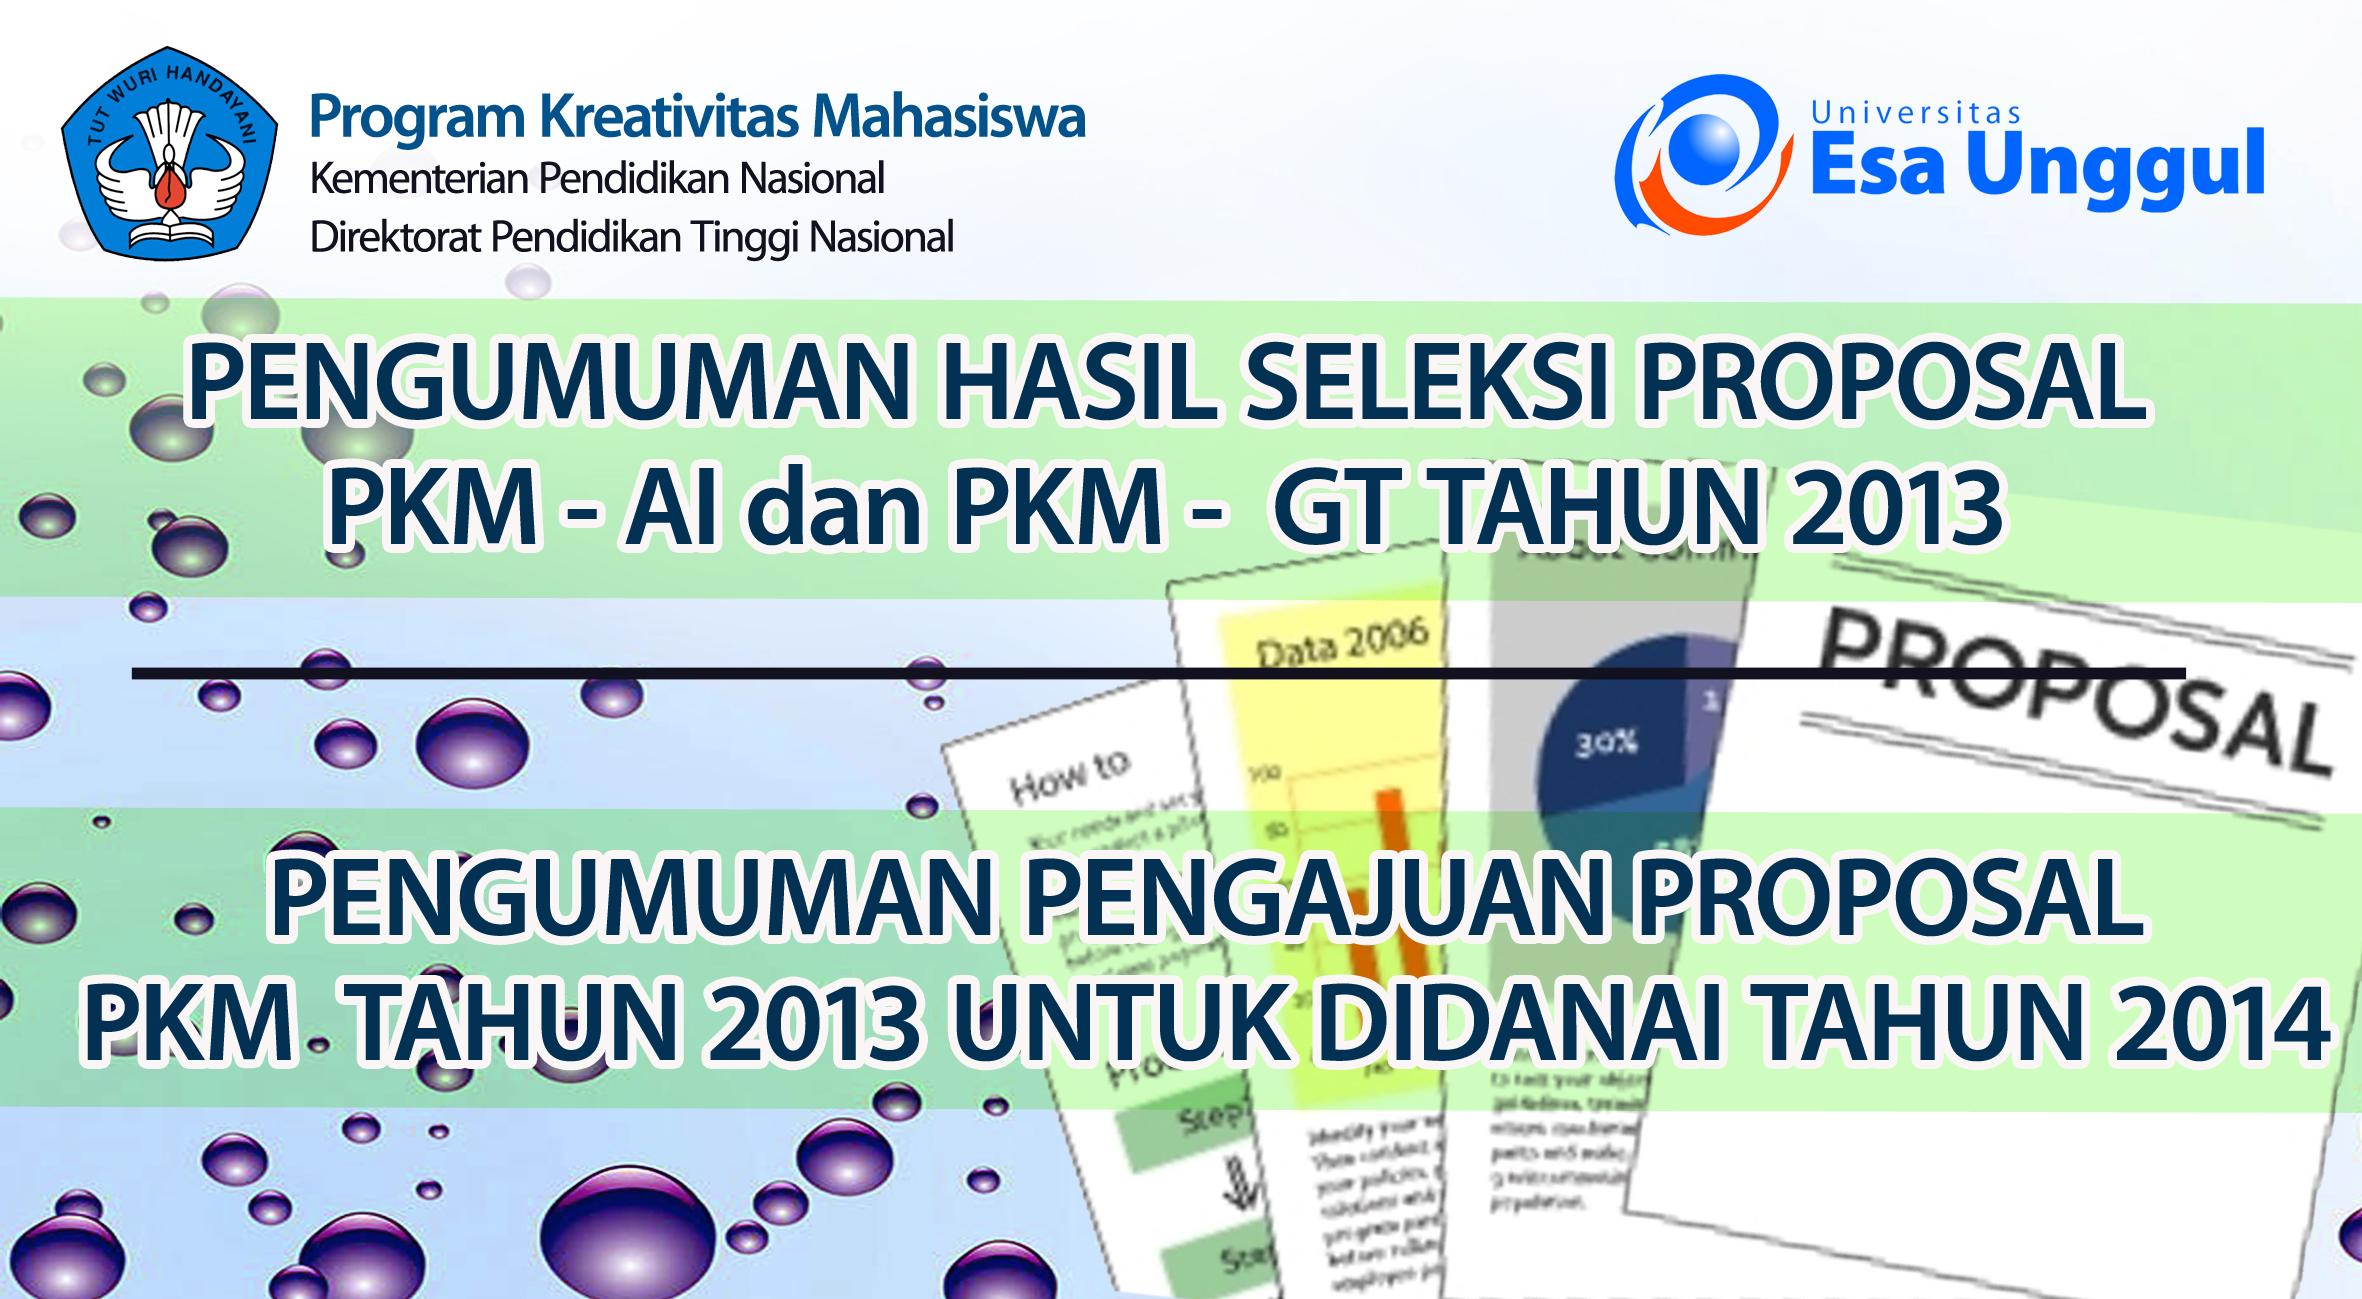 Pengumuman Hasil Seleksi Proposal PKM-AI dan PKM – GT Tahun 2013 serta Pengumuman Pengajuan Proposal PKM Tahun 2013 untuk didanai Tahun 2014